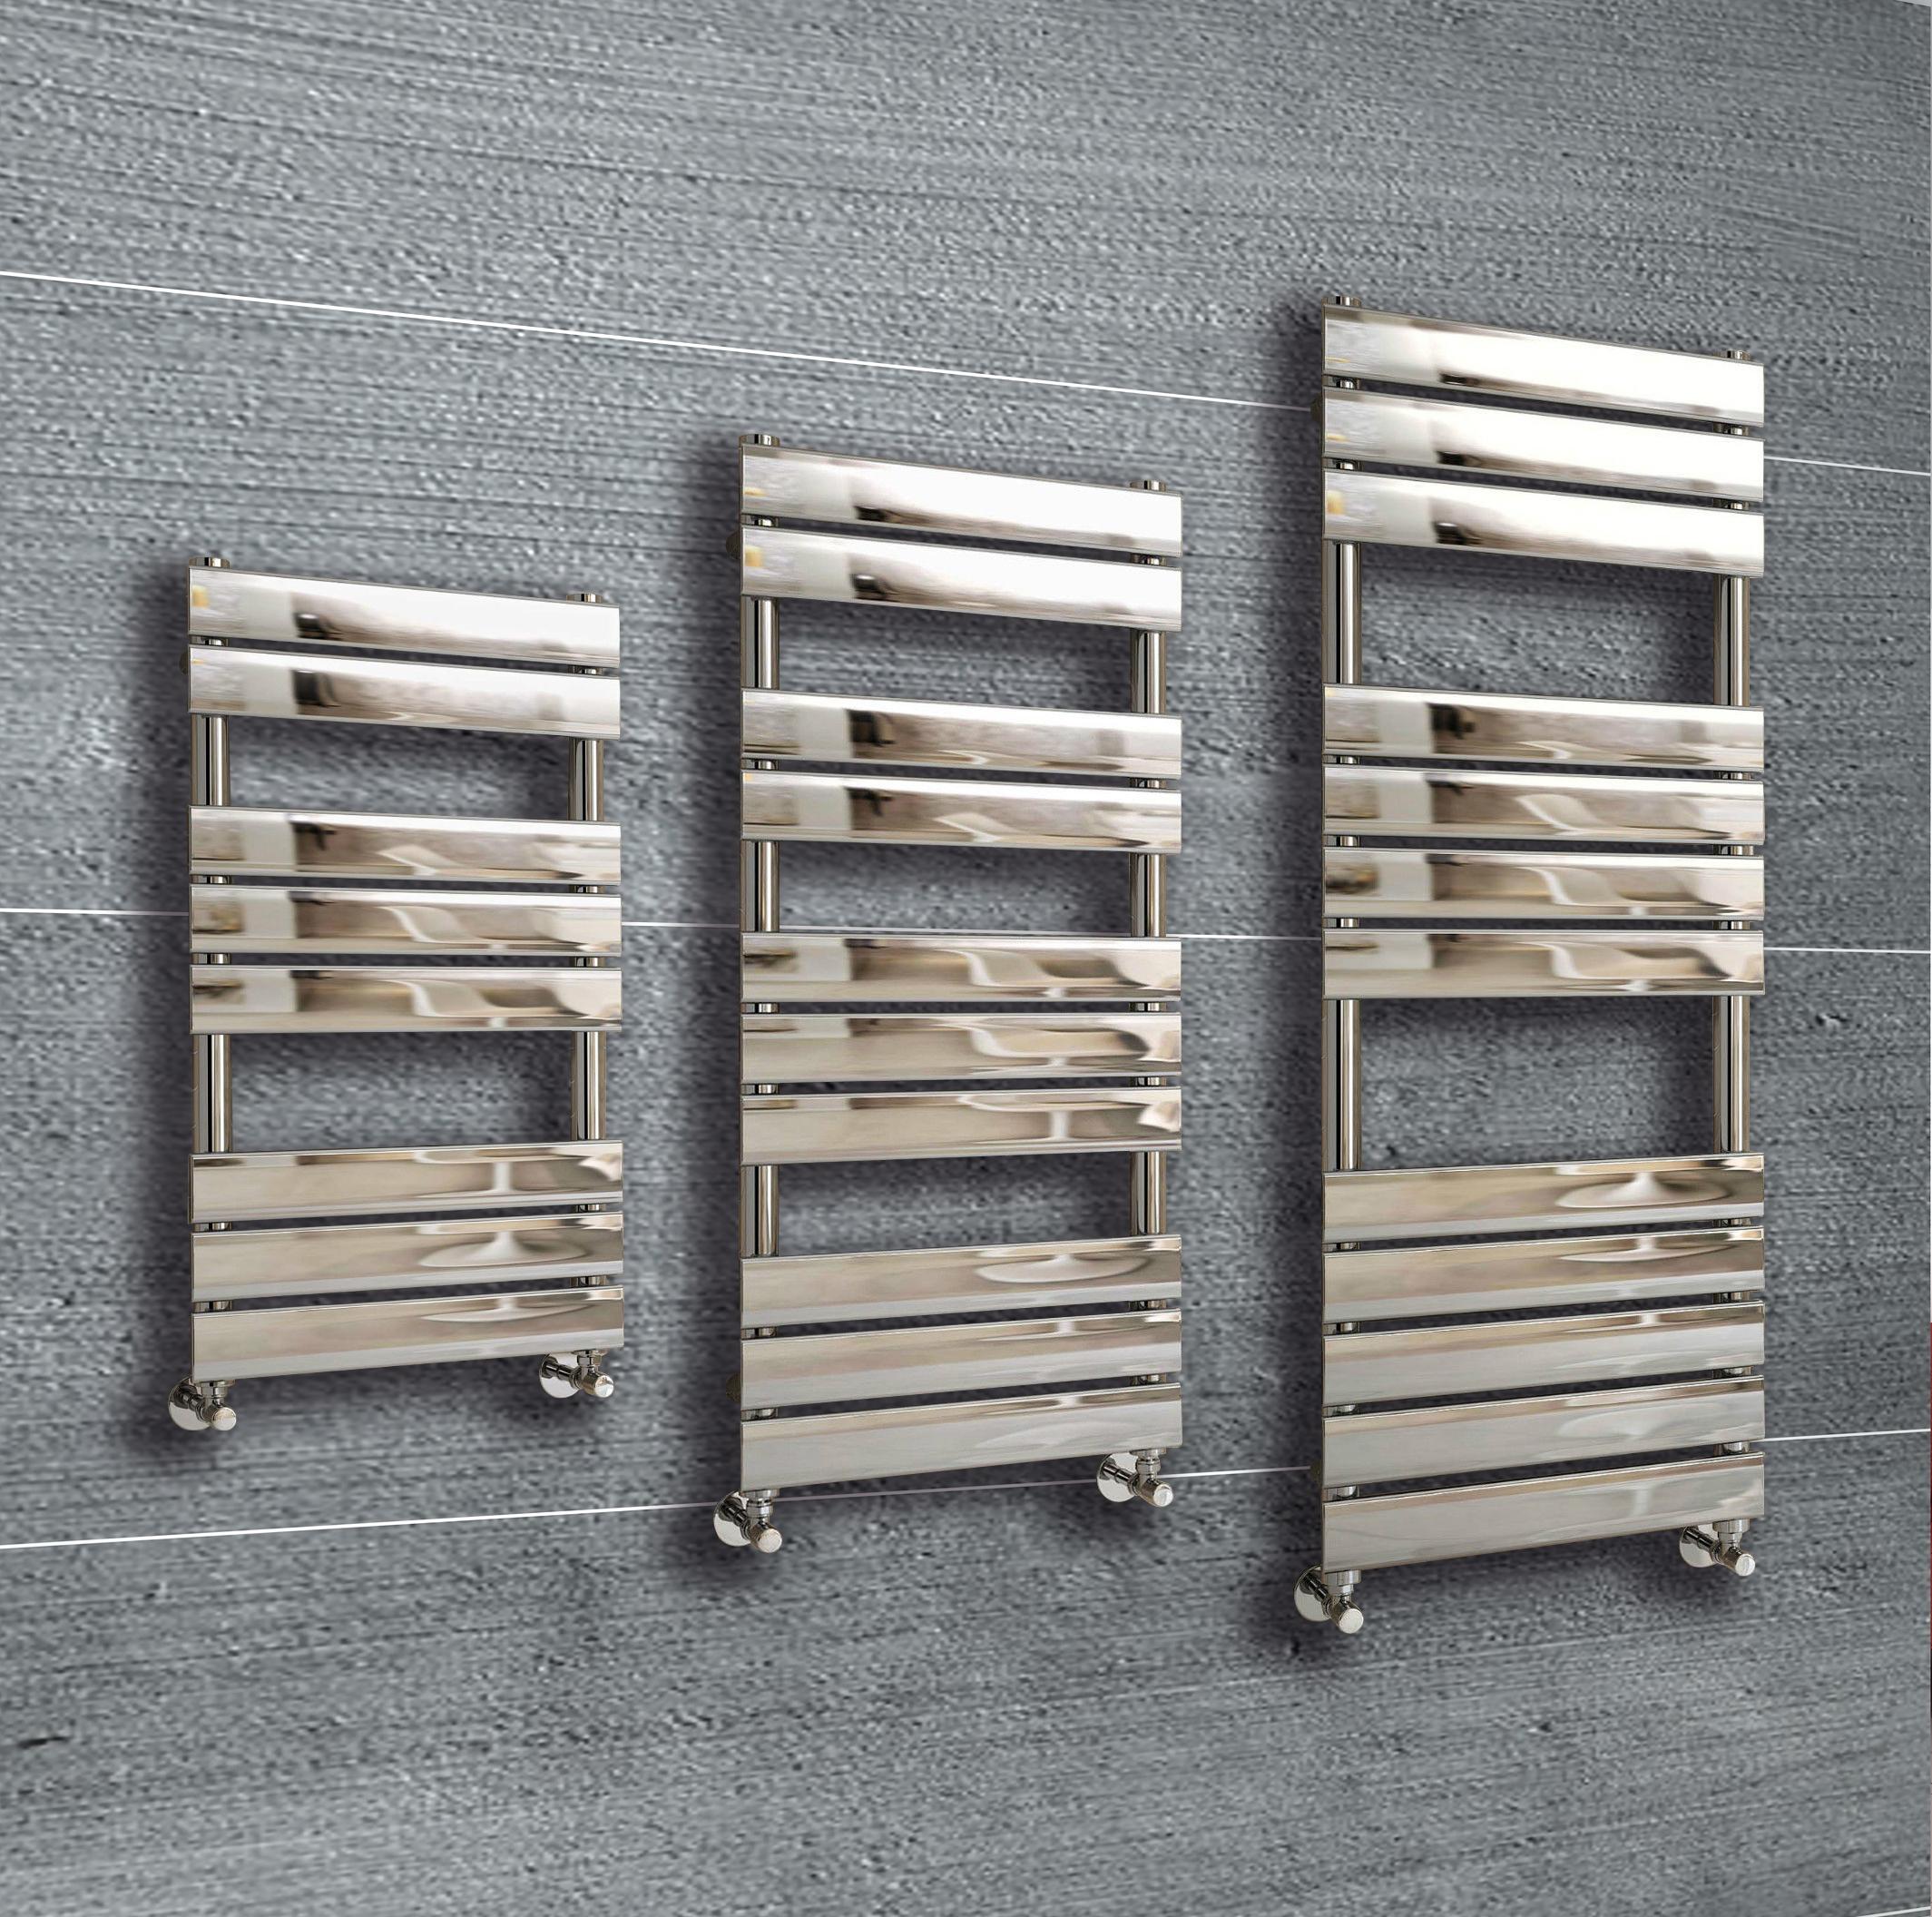 Heated Towel Rails Radiators Baxx Heated Towel Rail: Designer Flat Panel Chrome Heated Towel Rail Radiator